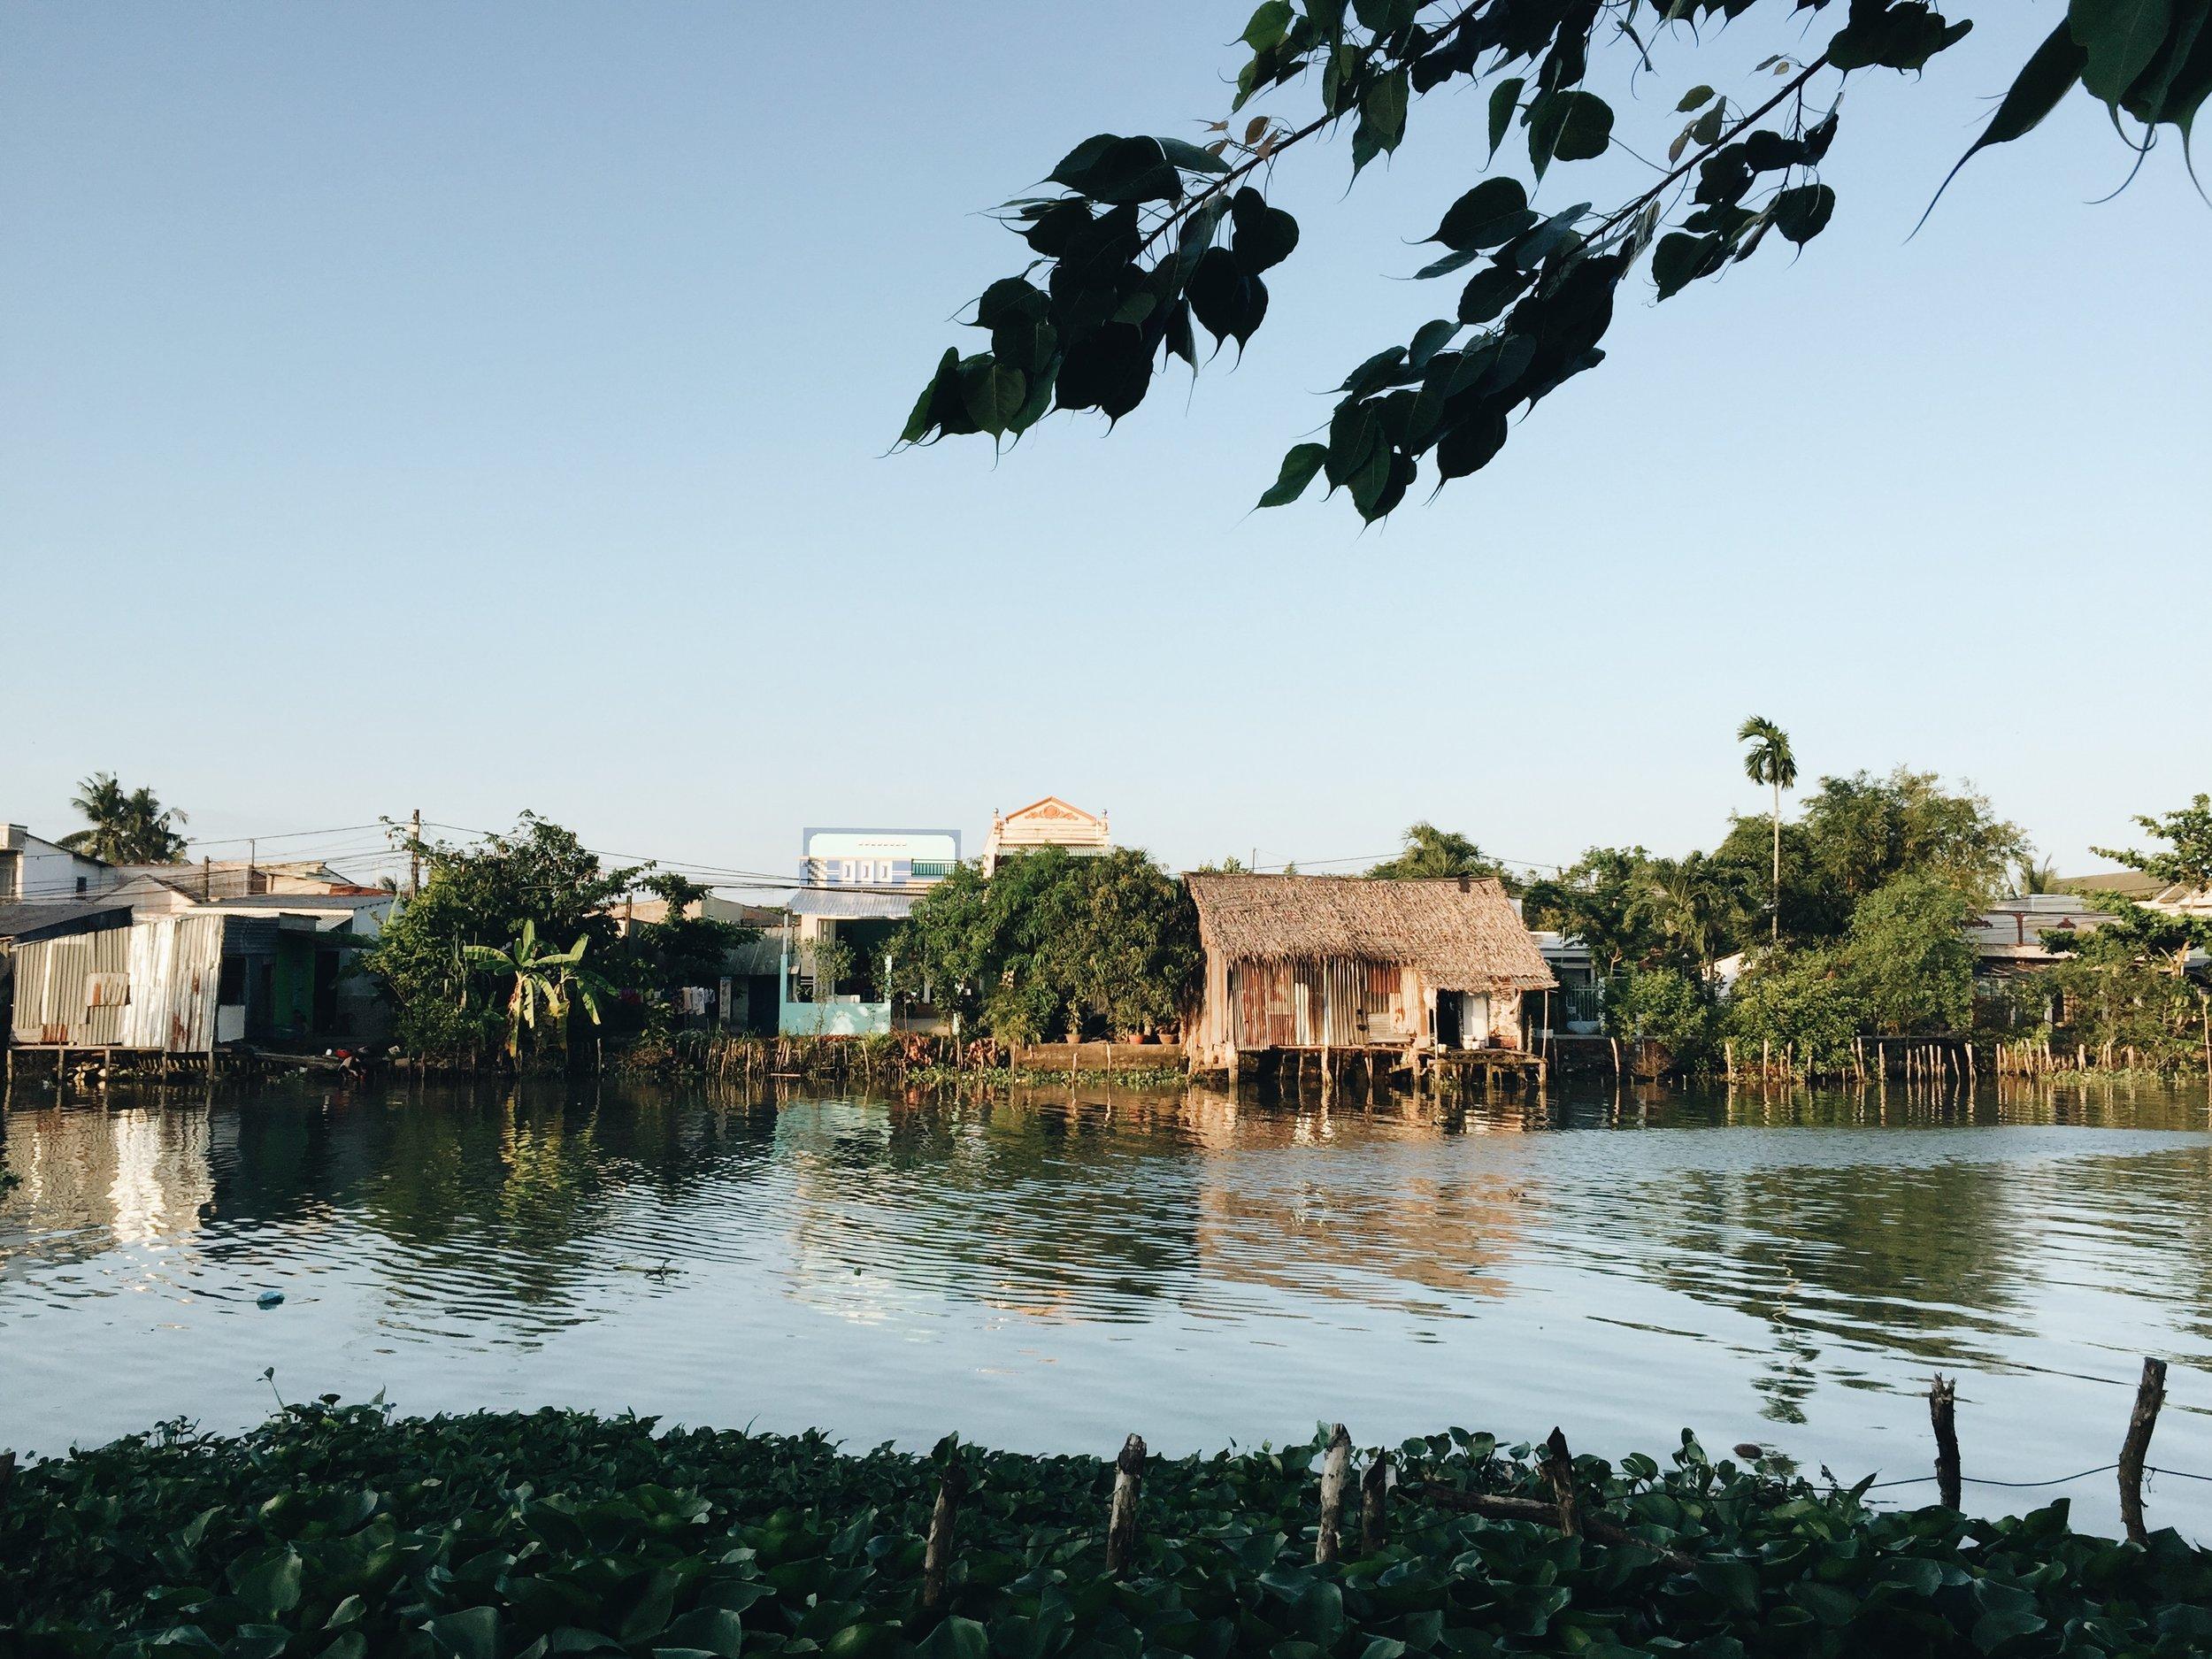 mékong-excursion-vietnam-can-tho.JPG